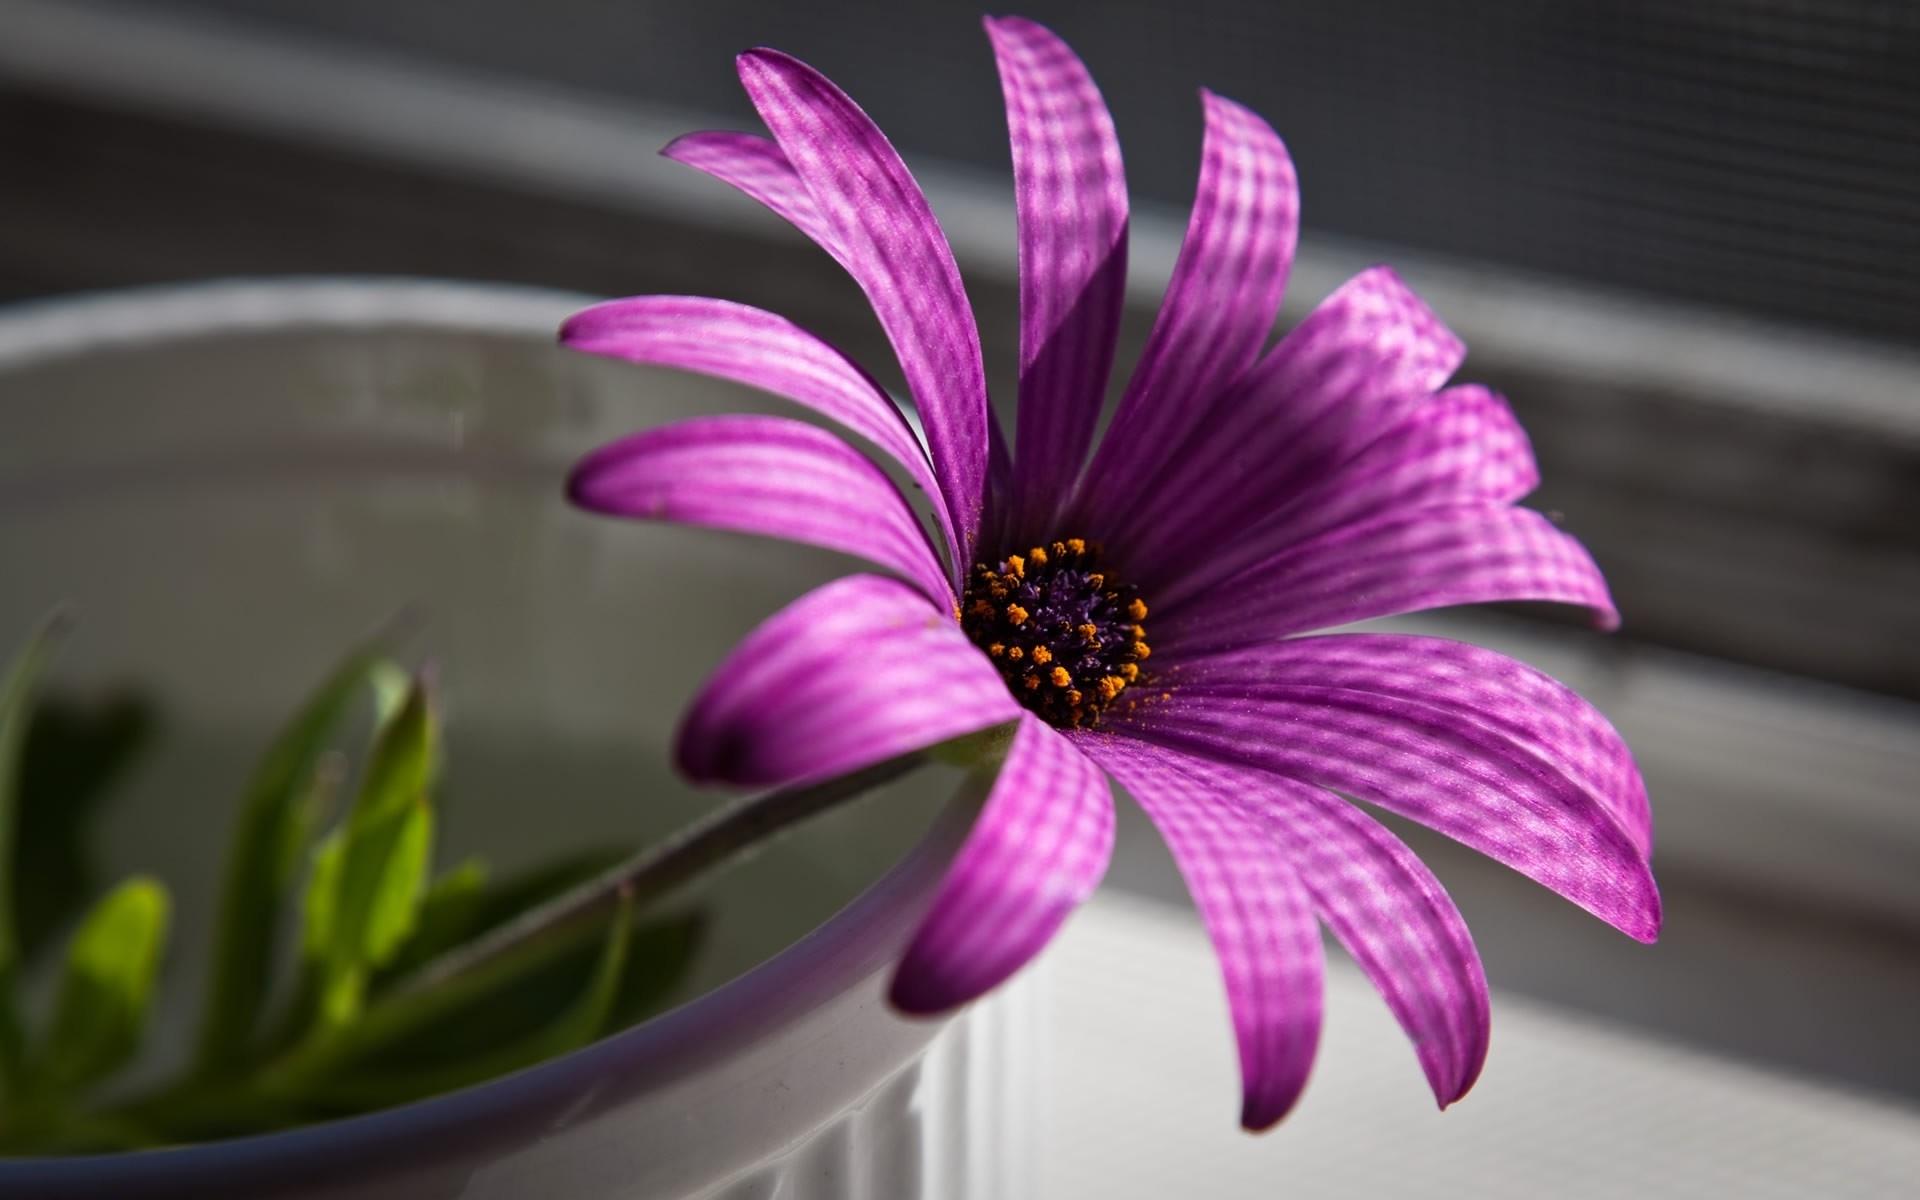 41285 скачать Фиолетовые обои на телефон бесплатно, Растения, Цветы Фиолетовые картинки и заставки на мобильный